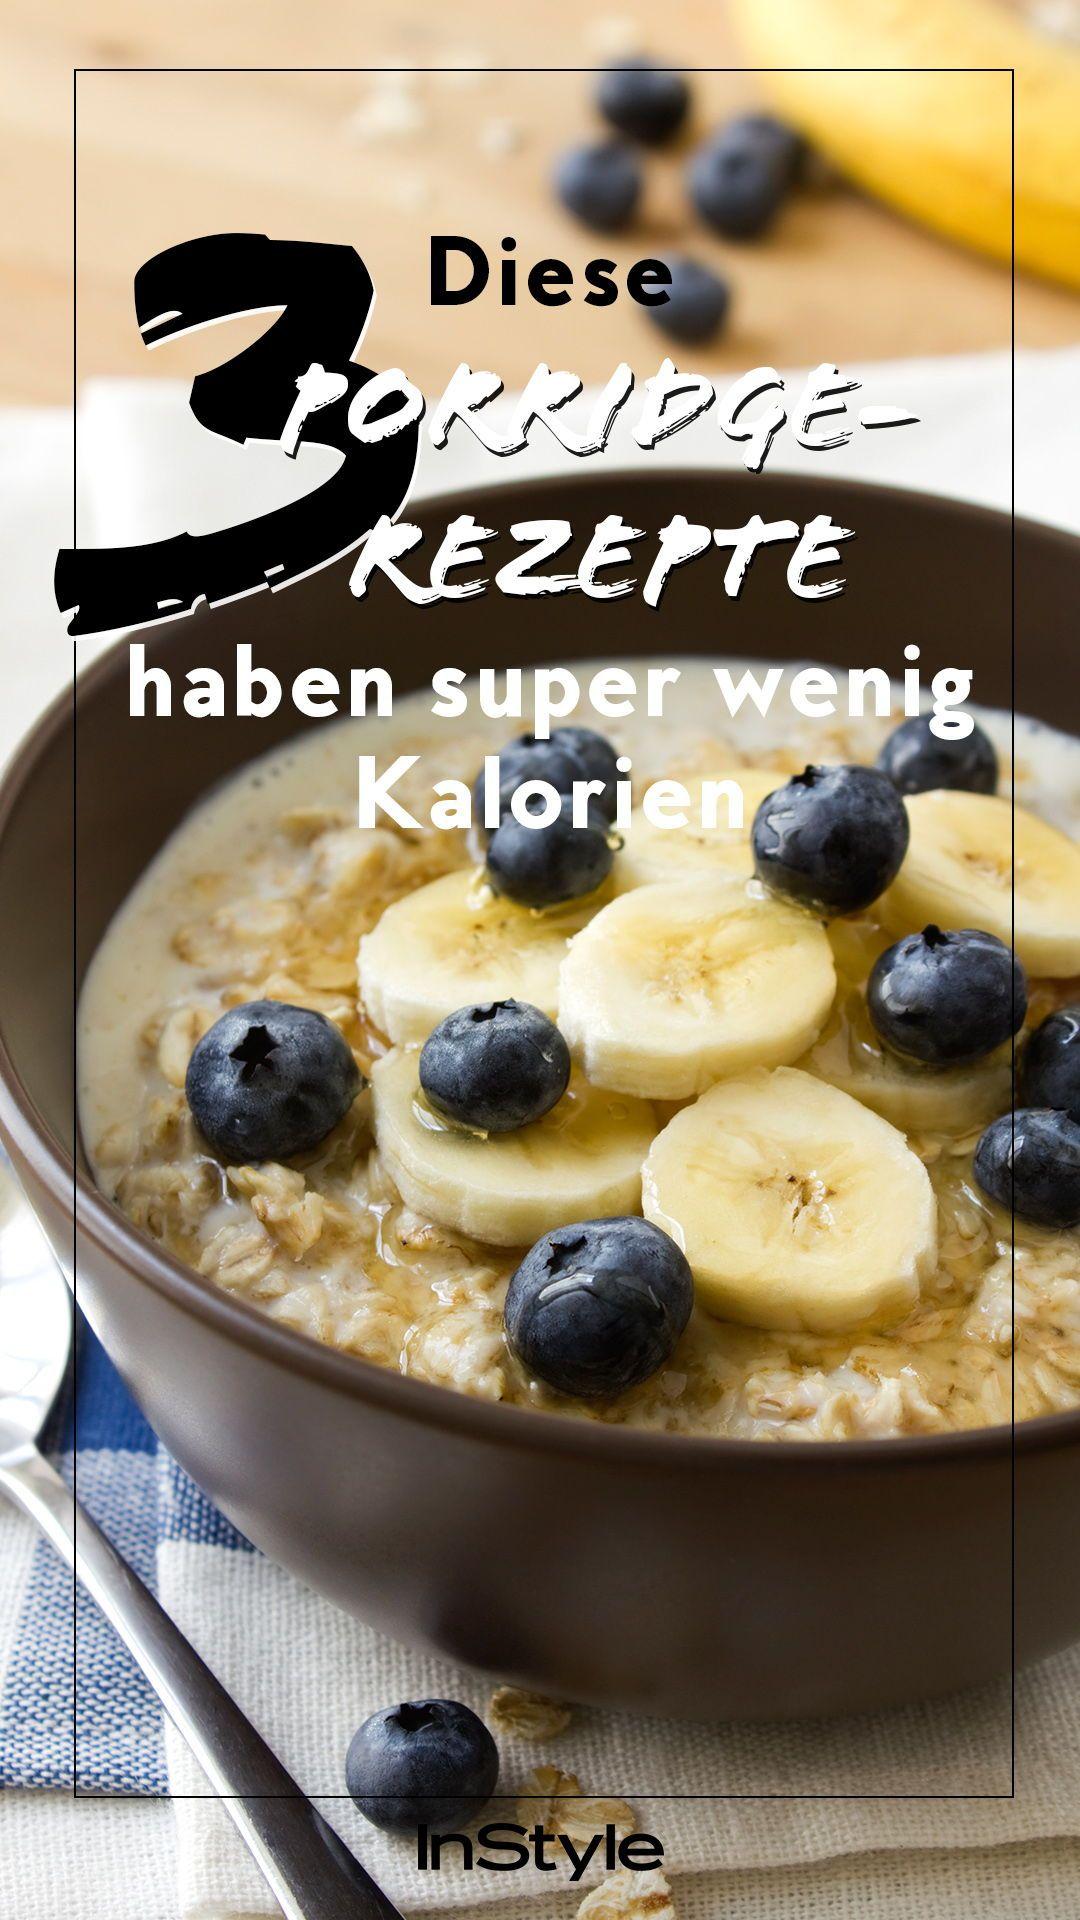 Abnehmen mit dem richtigen Frühstück: diese 3 Porridge-Rezepte haben super wenig Kalorien